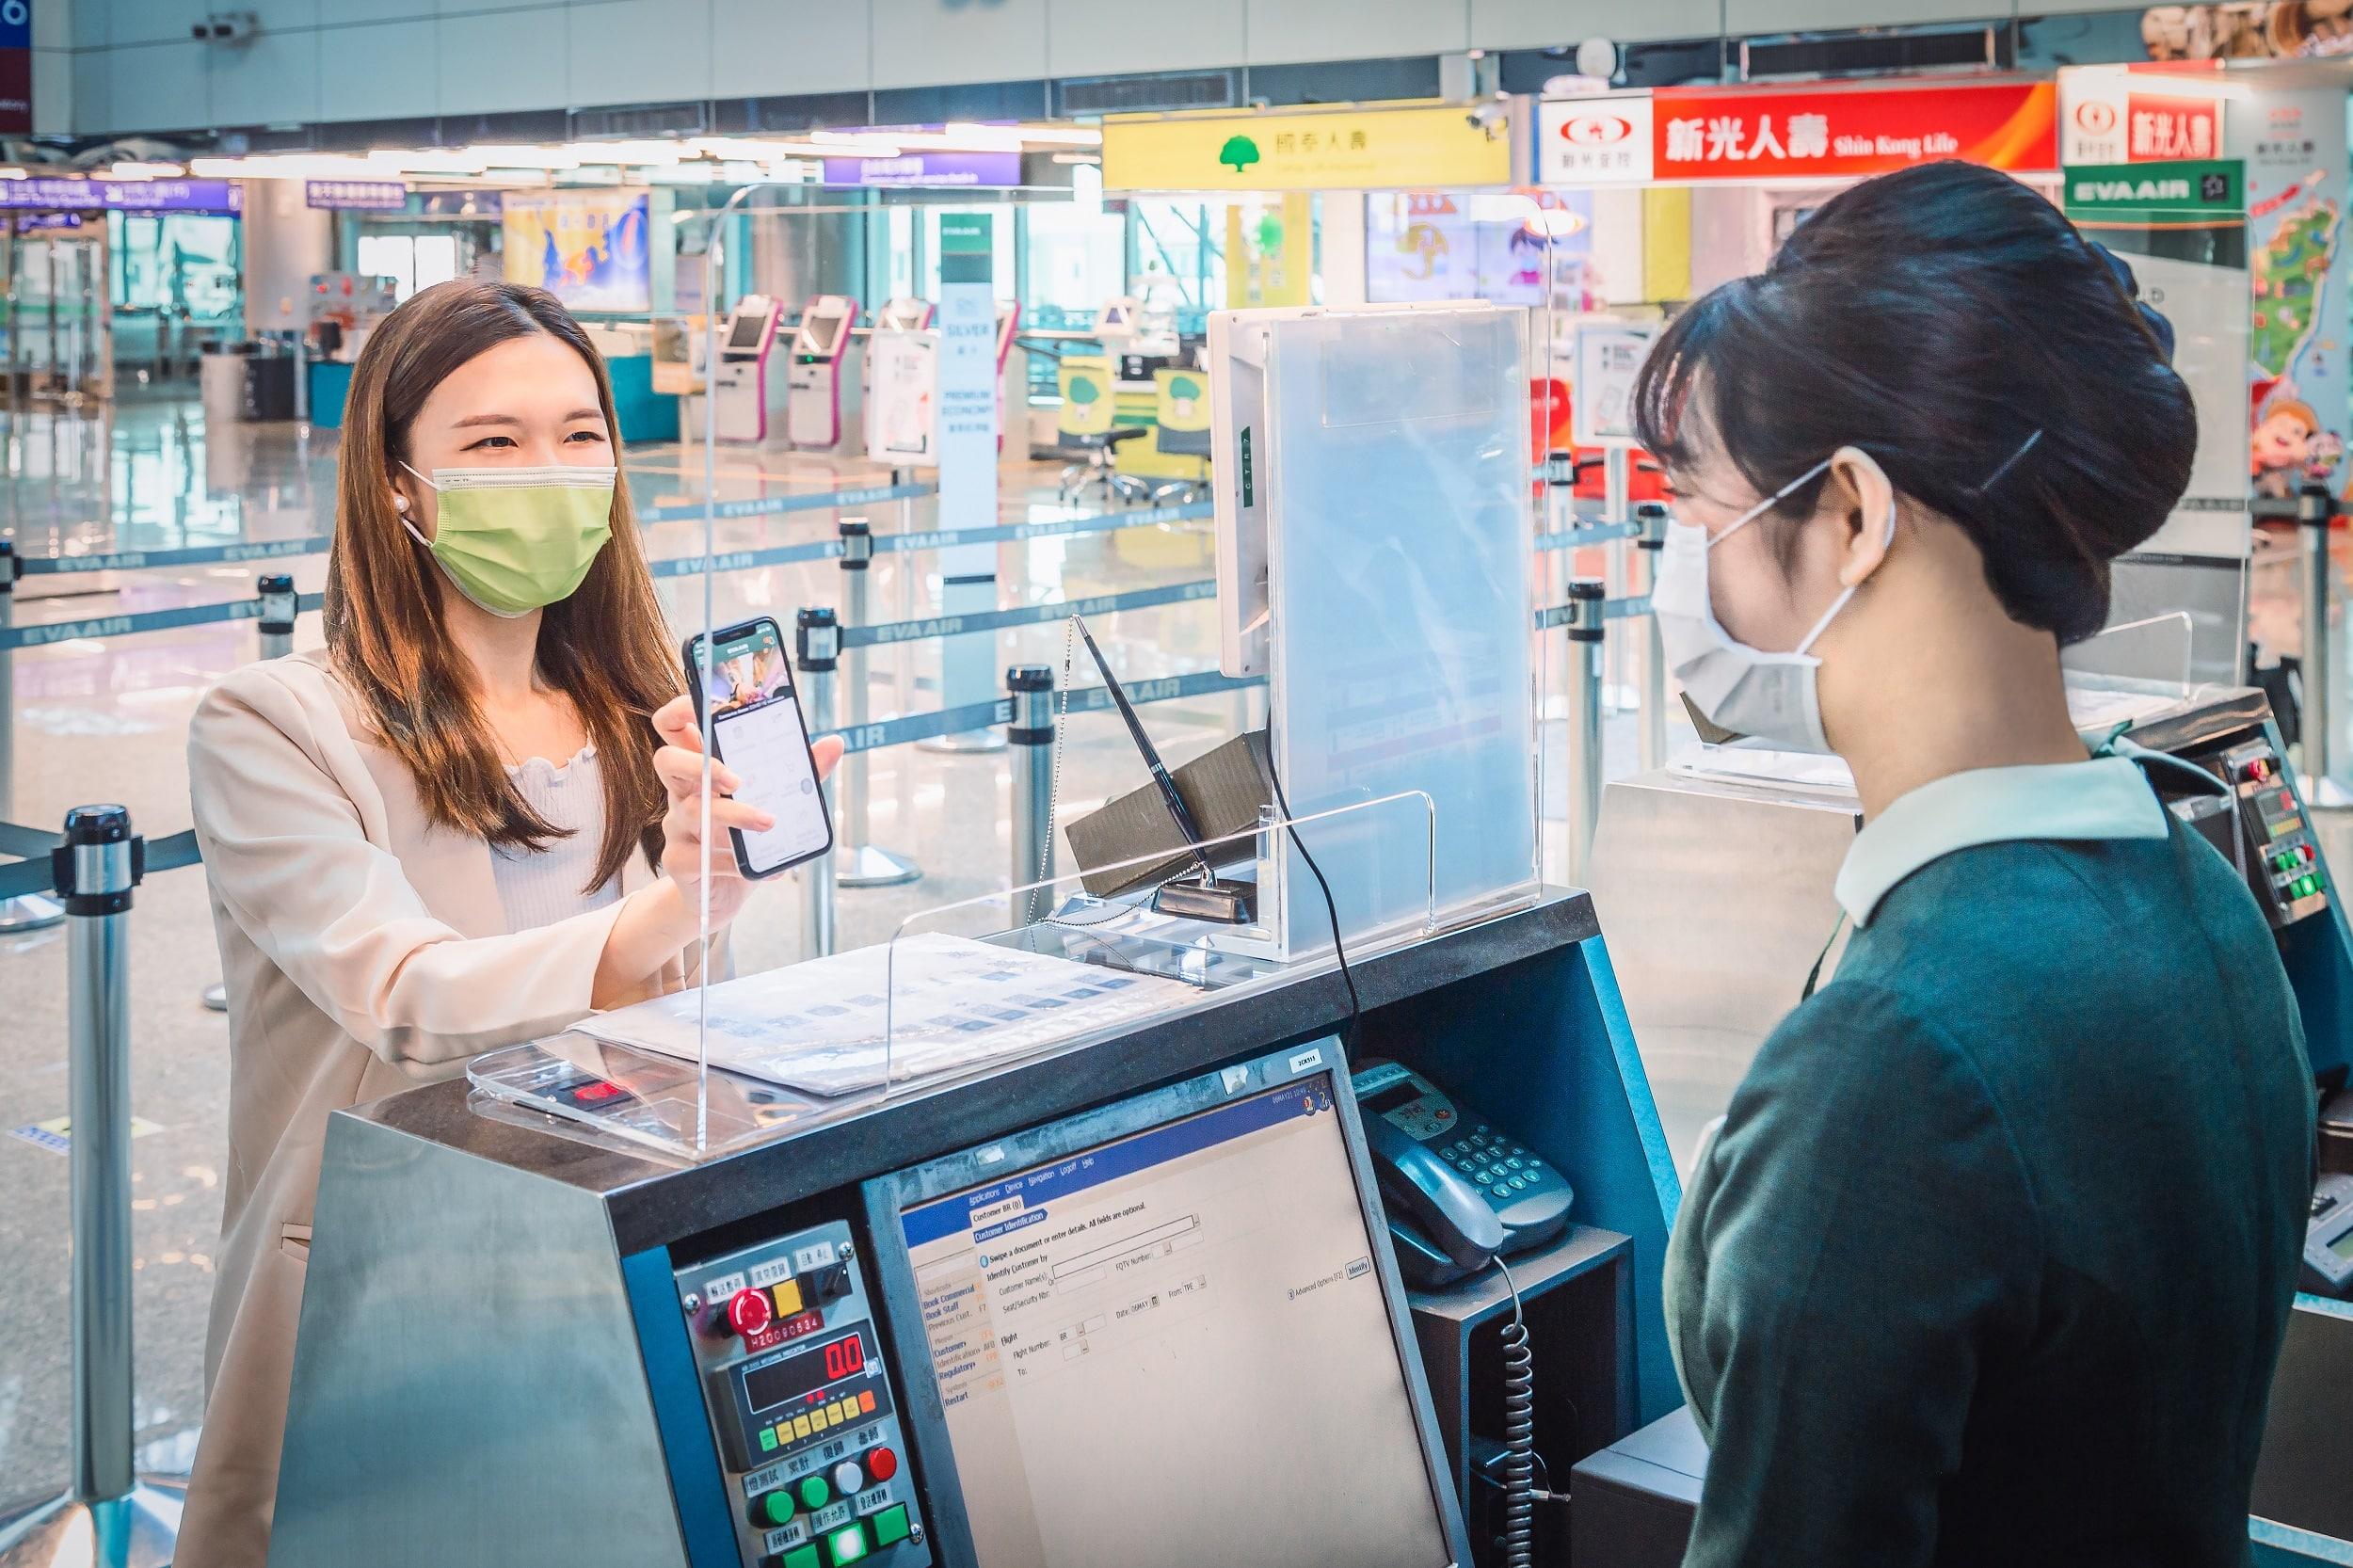 长荣航空防疫新措施 试行AOKpass电子健康护照平台 推出「旅客健康声明」电子化系统 减少不必要接触